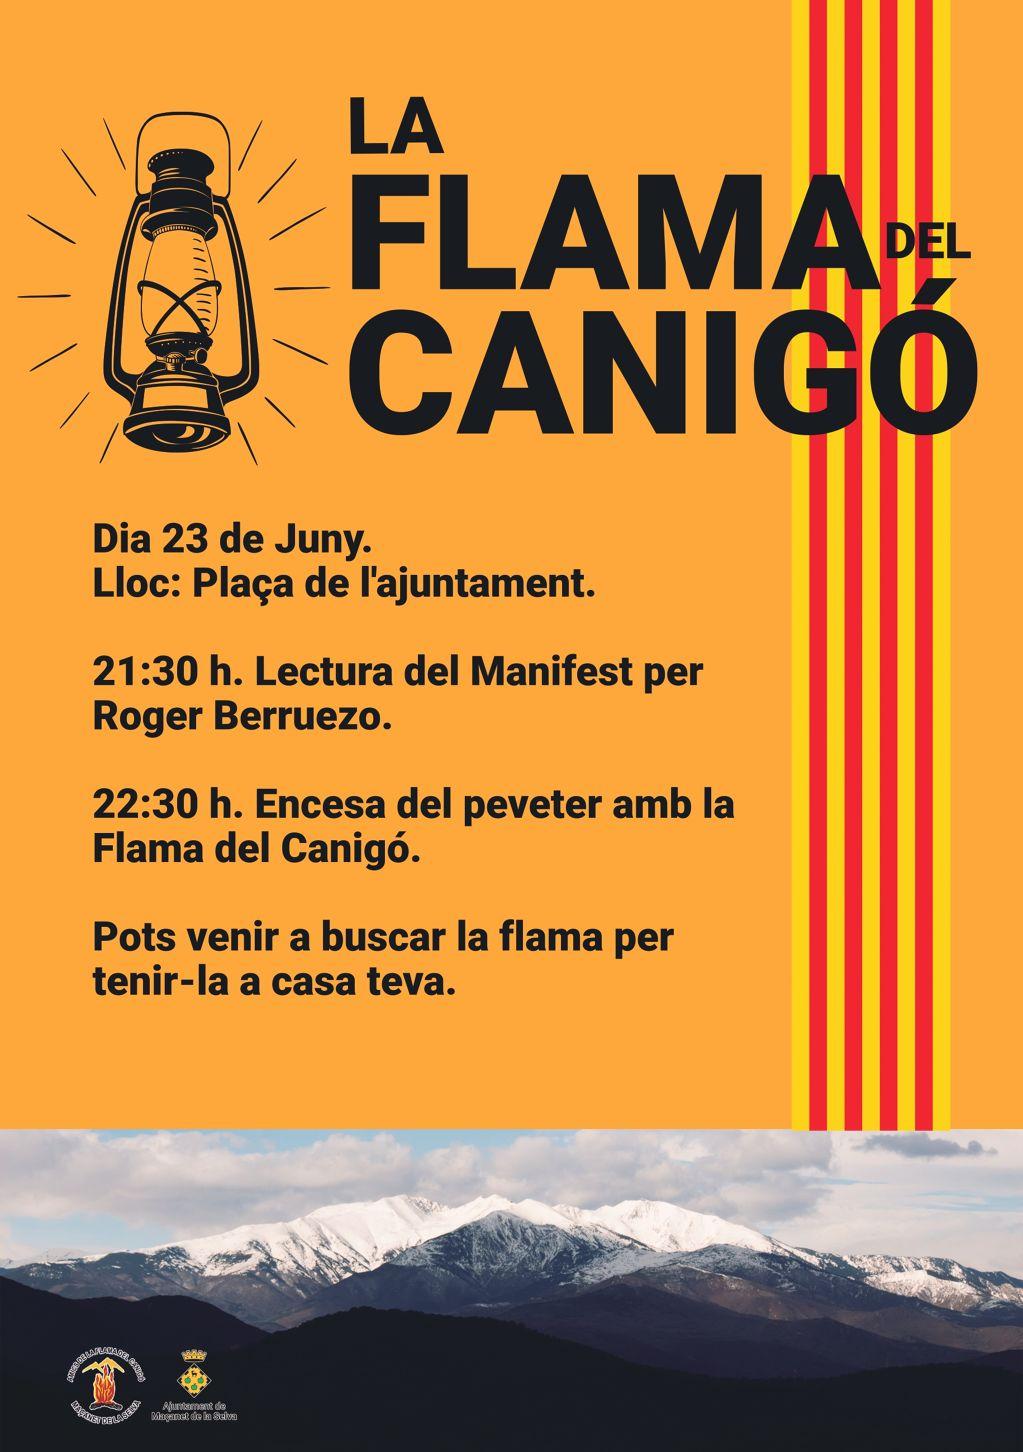 Flama del Canigó - Revetlla de Sant Joan - a0e7b-LA-FLAMA-SANT-JOAN_page-0001--1-.jpg